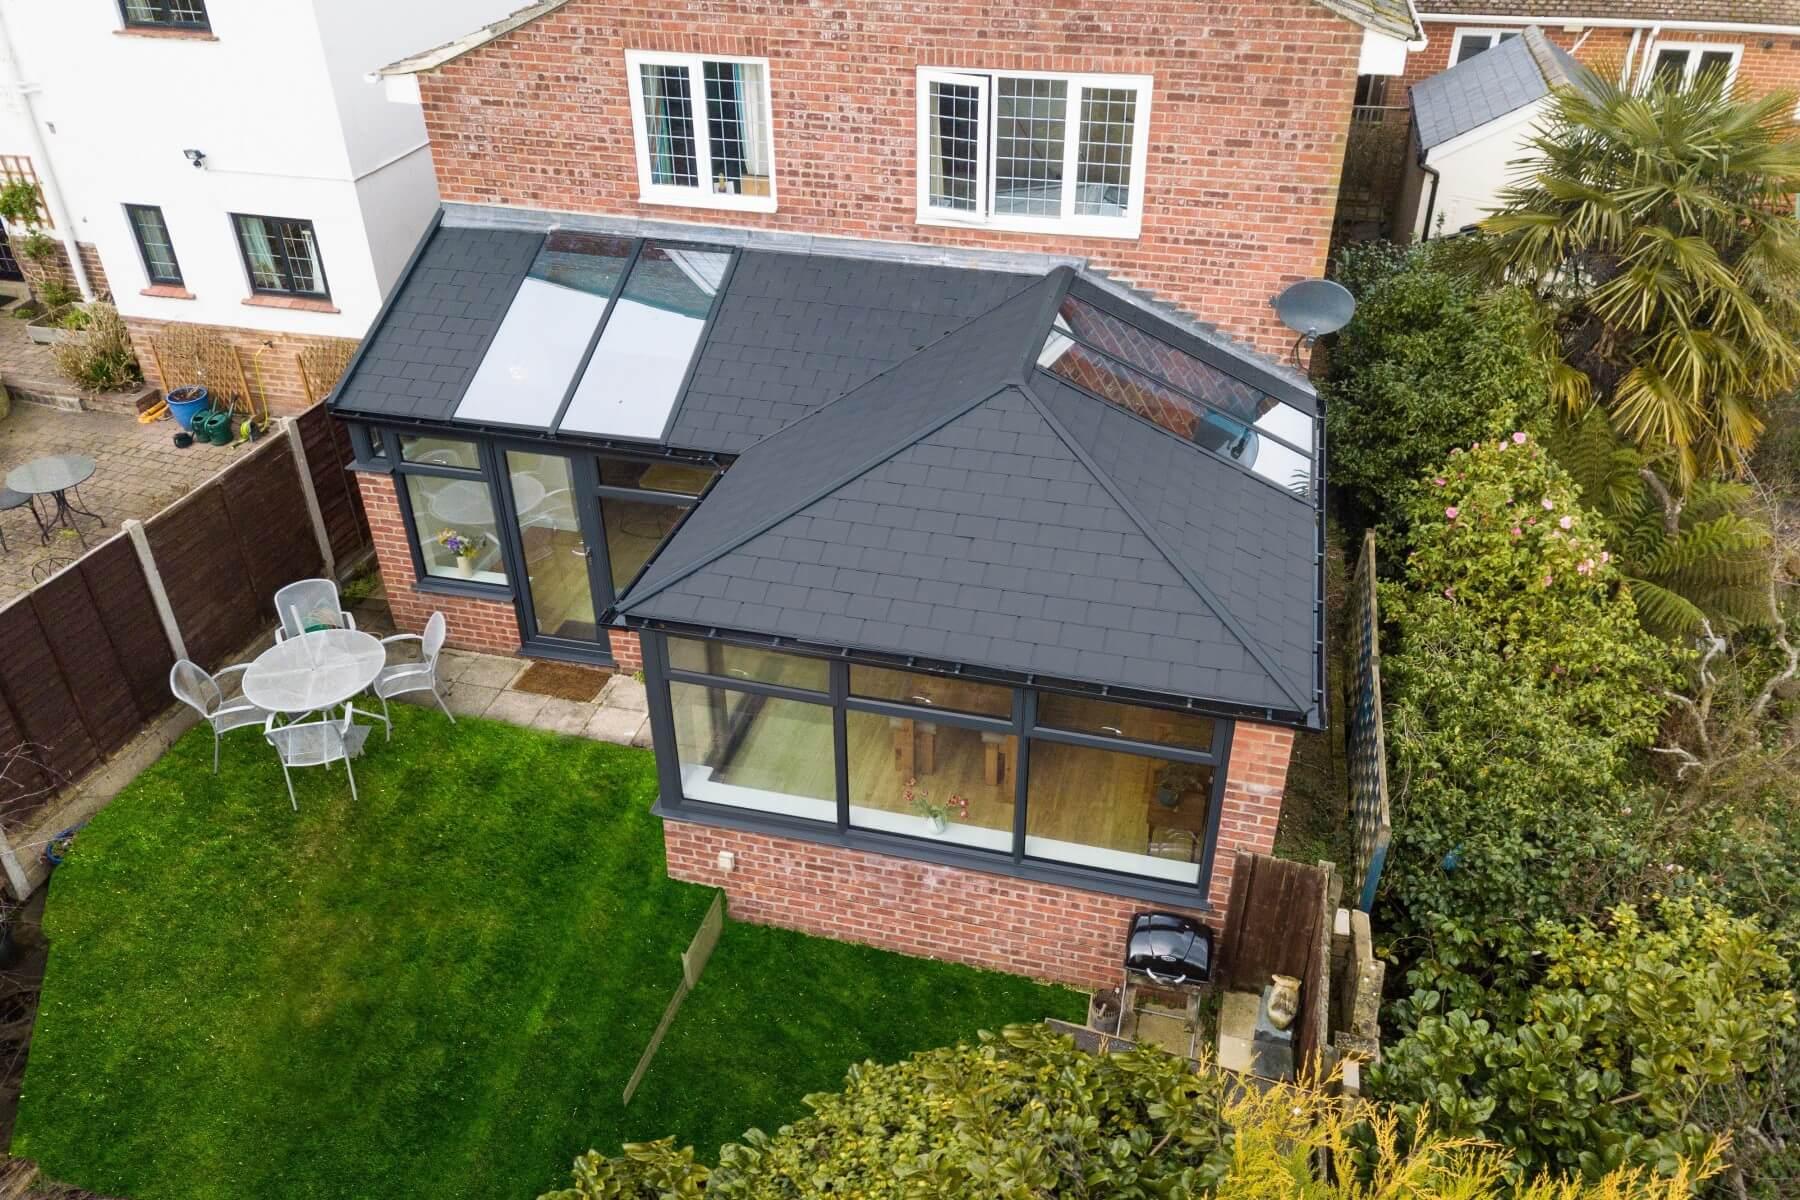 Ultraframe black tiled roof conservatory